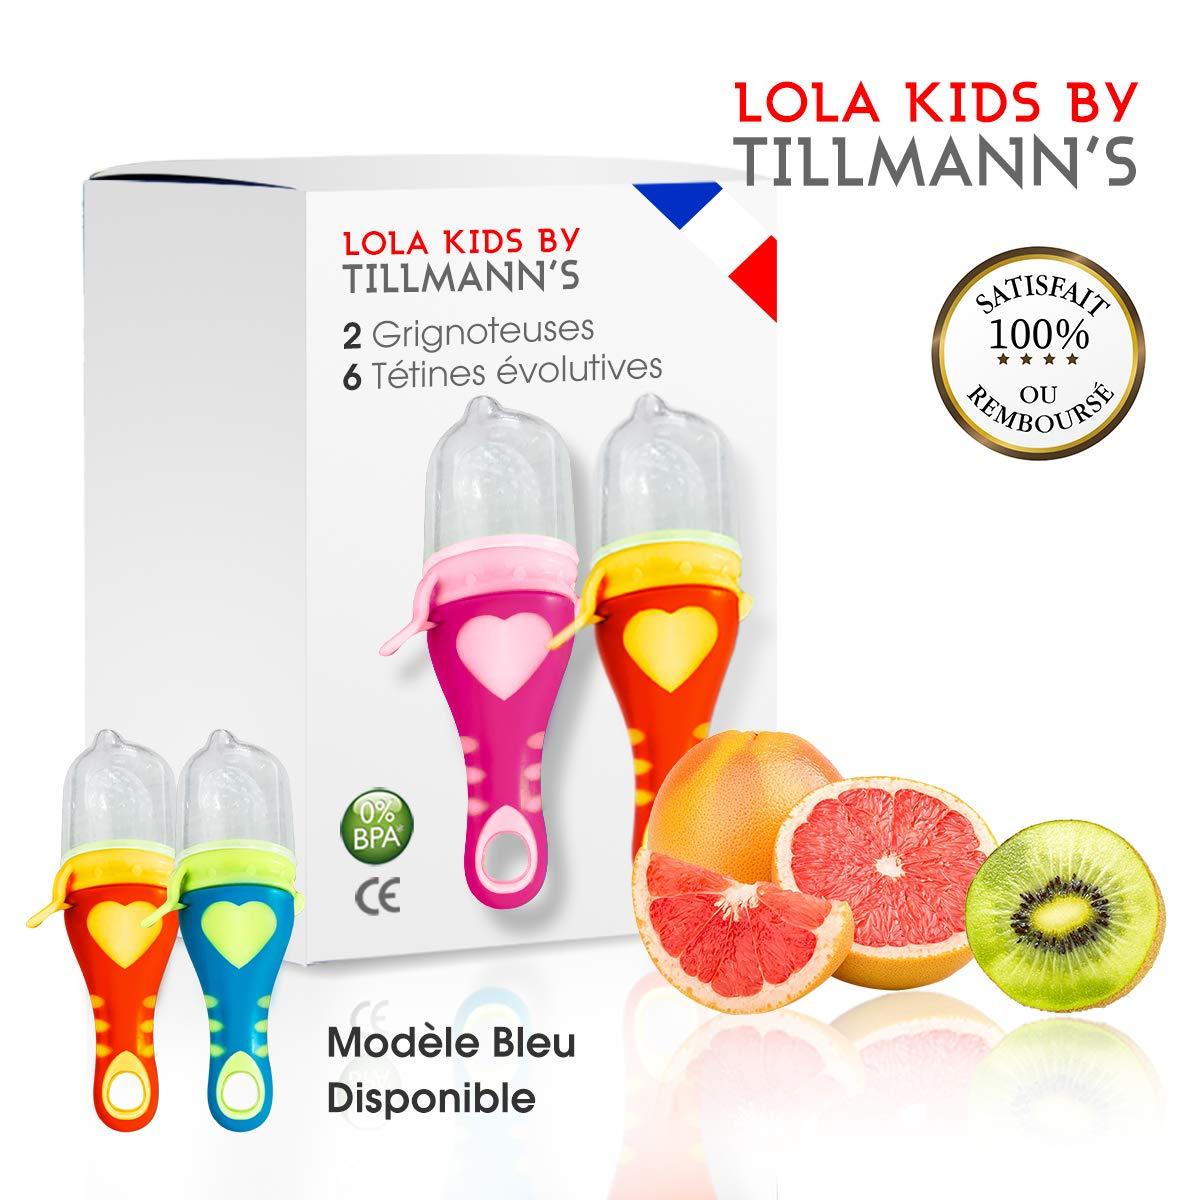 Lola Kids Tetine Grignoteuse Bebe/ 2 Grignoteuses (1 Rose et 1 Orange) + 6 Tetines fruit Evolutives/En Silicone Medical et Sans Bisphénol A/Anneau d'Alimentation soulage les gencives product image